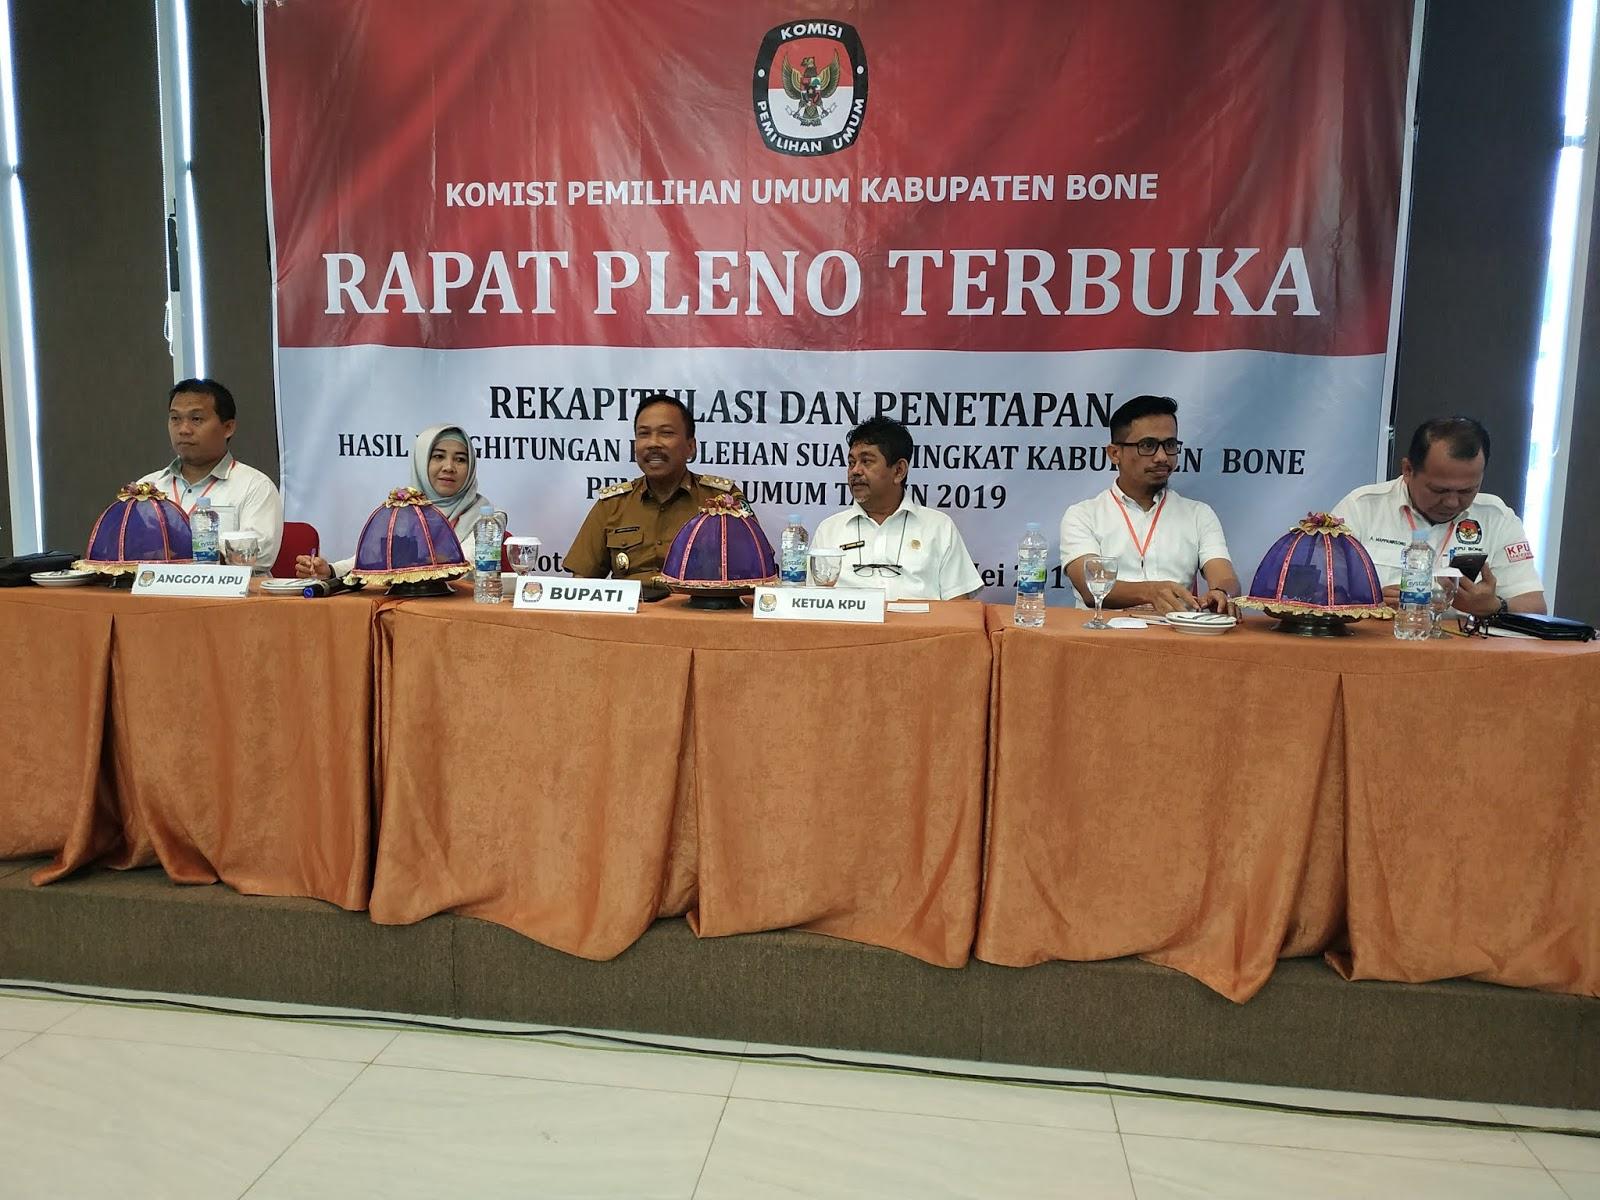 KPU Bone Gelar Rapat Pleno Terbuka